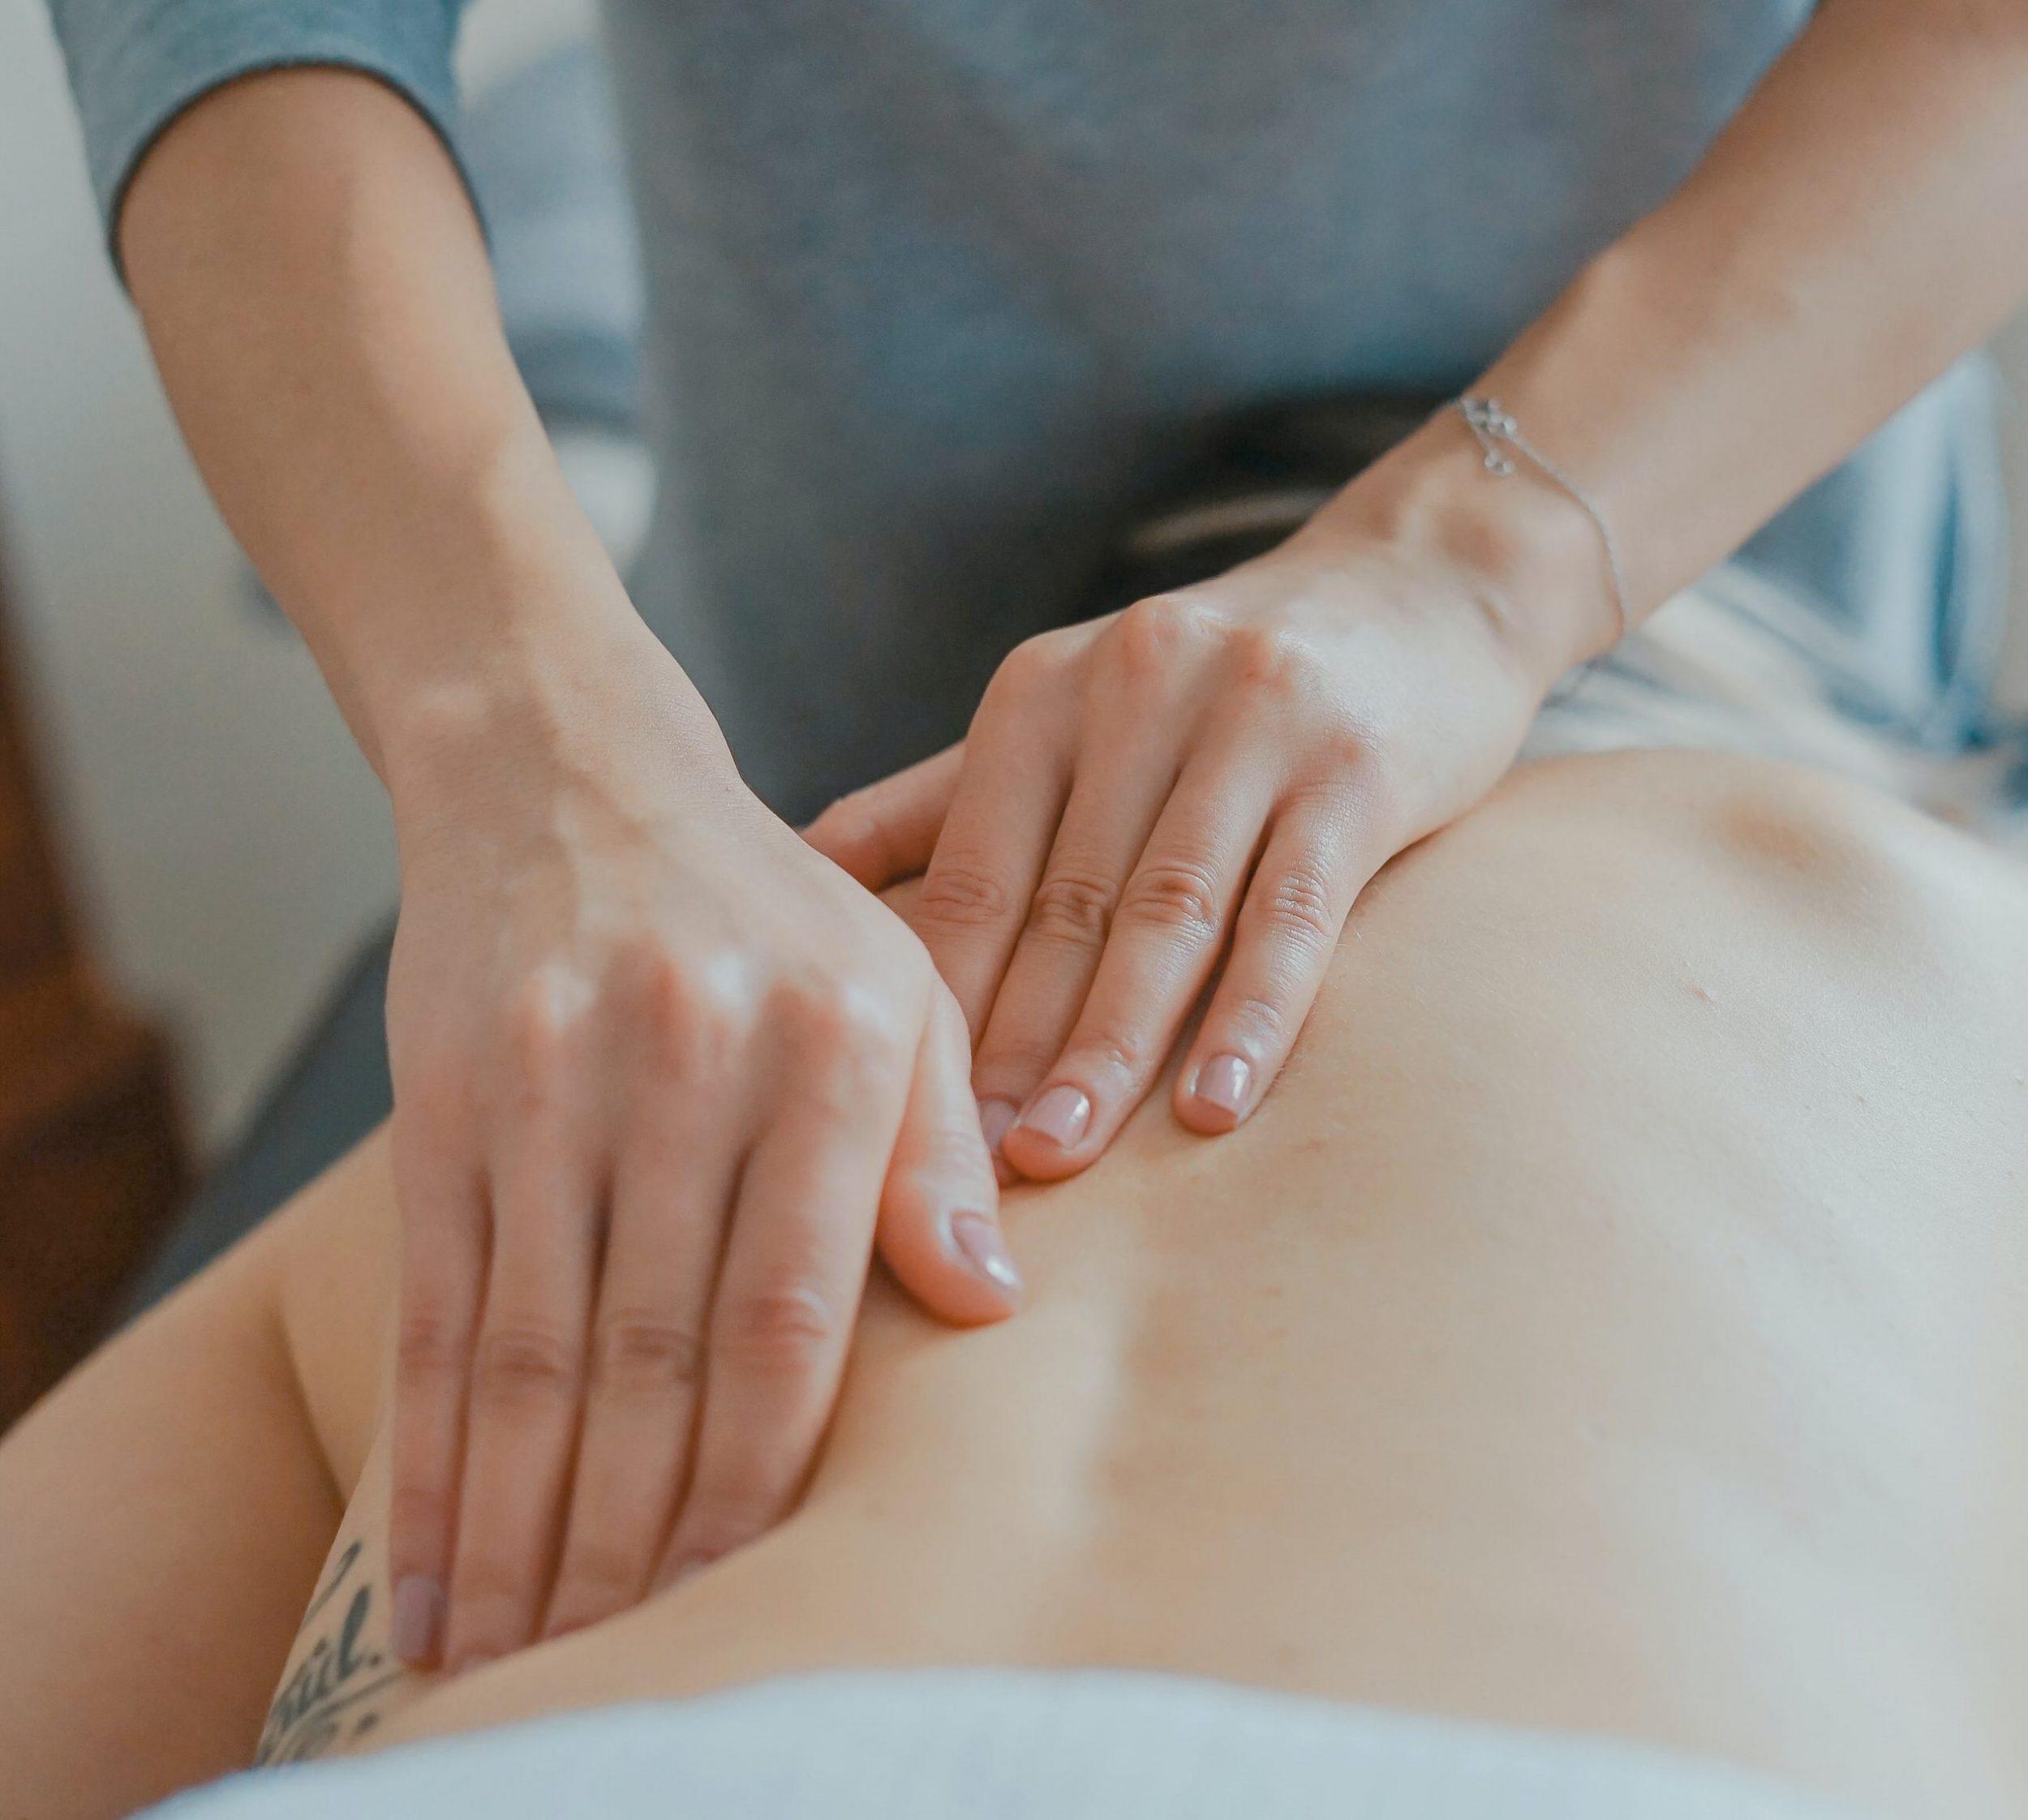 Douleurs musculaires et articulaires : comment les soulager ?